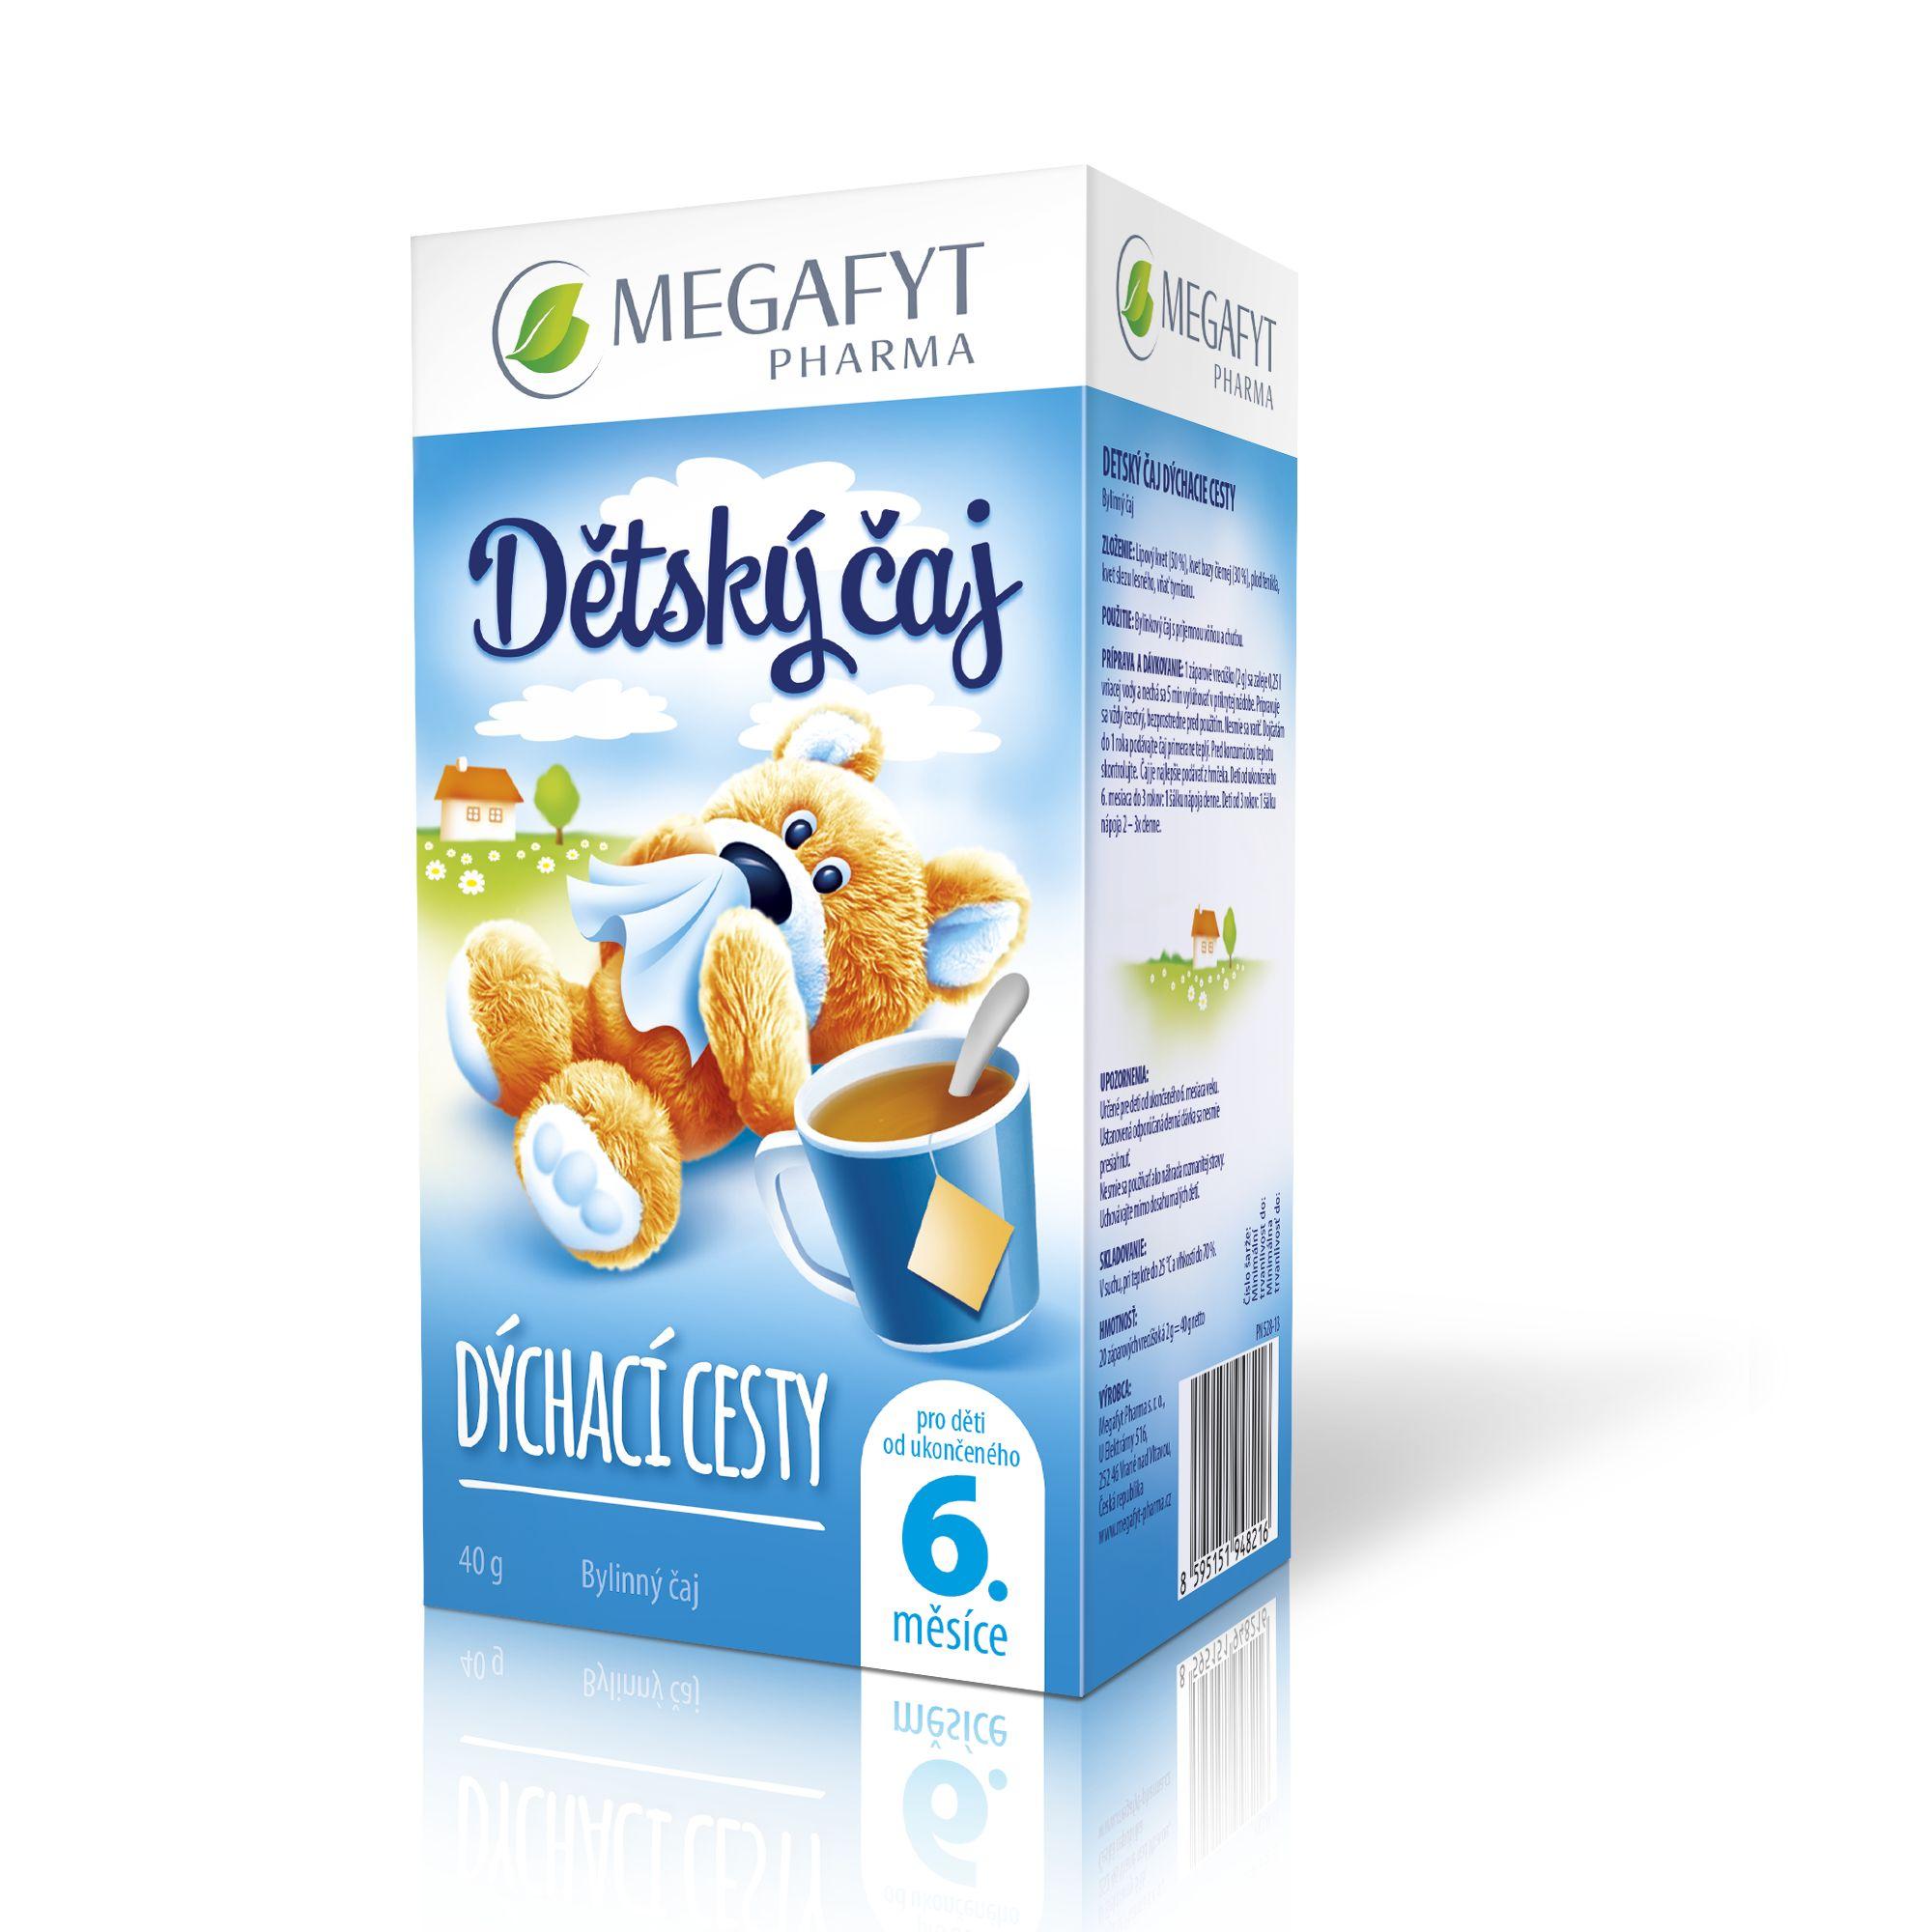 Více informací o výrobku Dětský čaj dýchací cesty